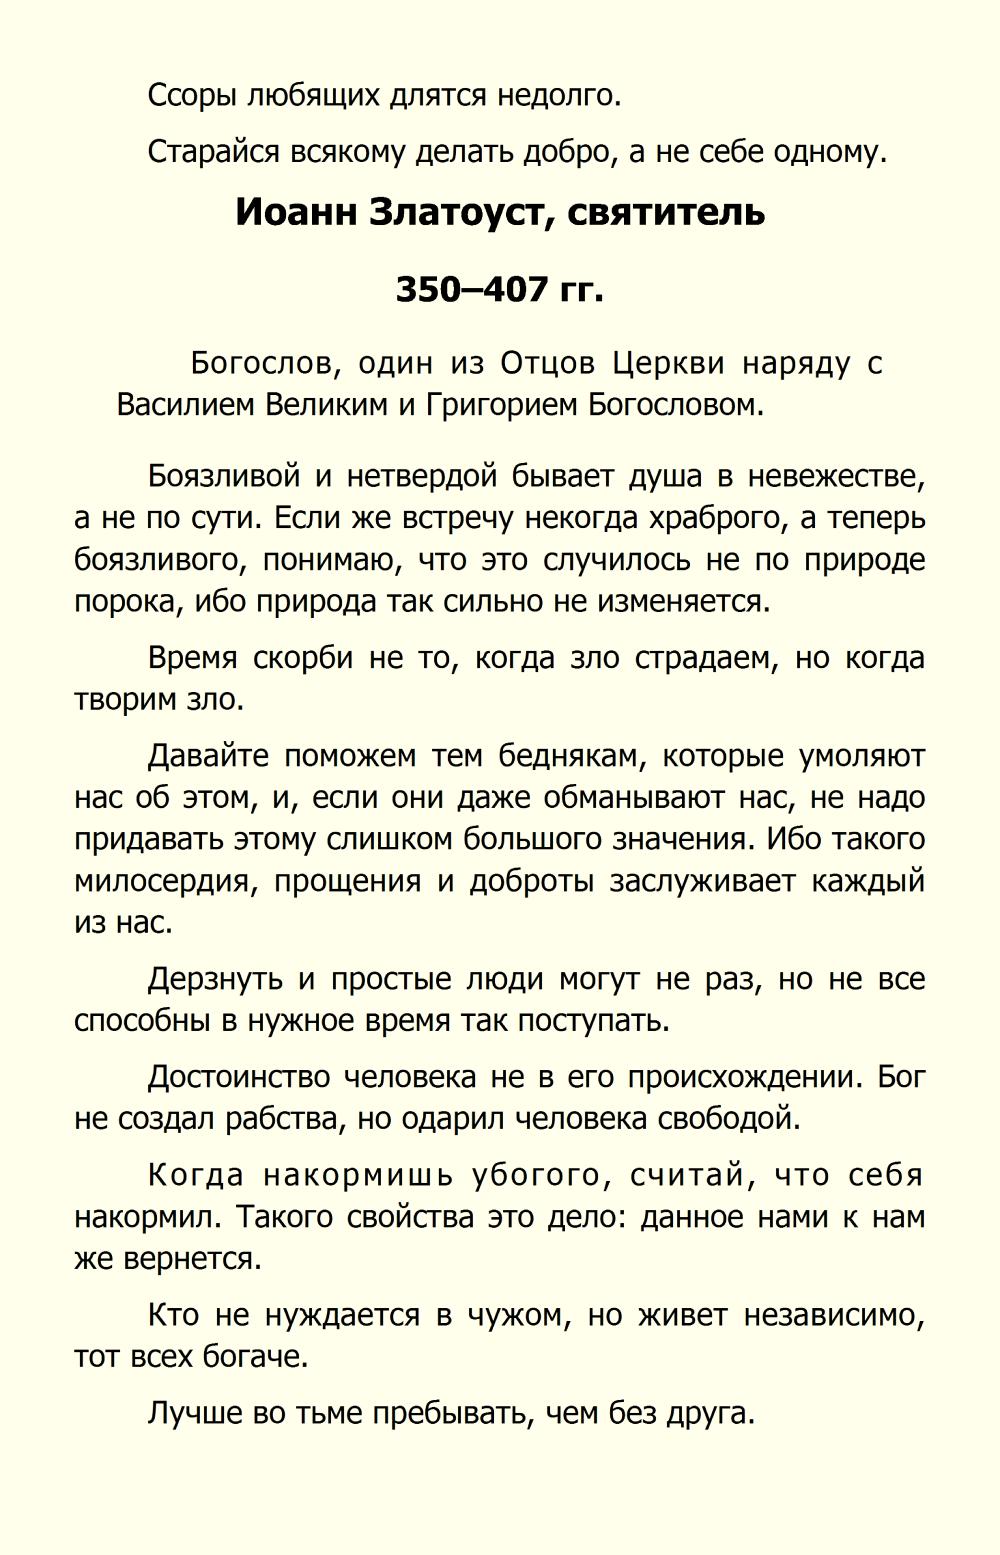 http://i4.imageban.ru/out/2013/11/25/93070da2687152194d1a6d9b38eec387.jpg